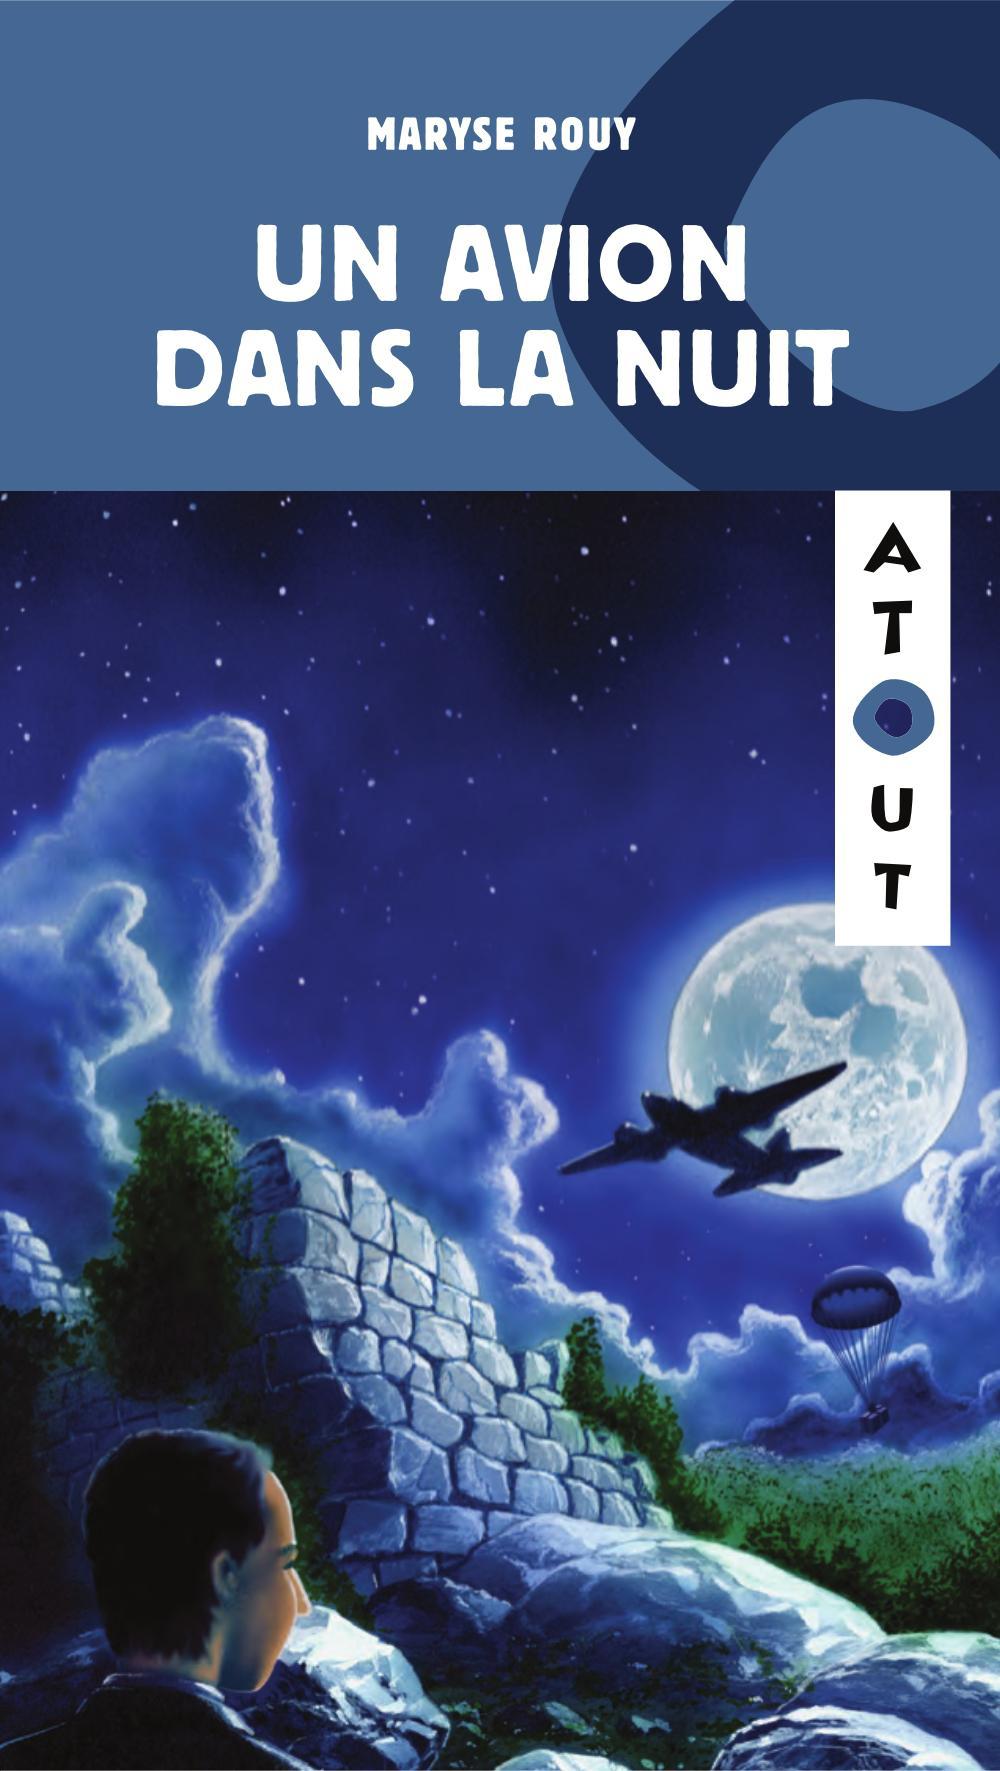 Un avion dans la nuit